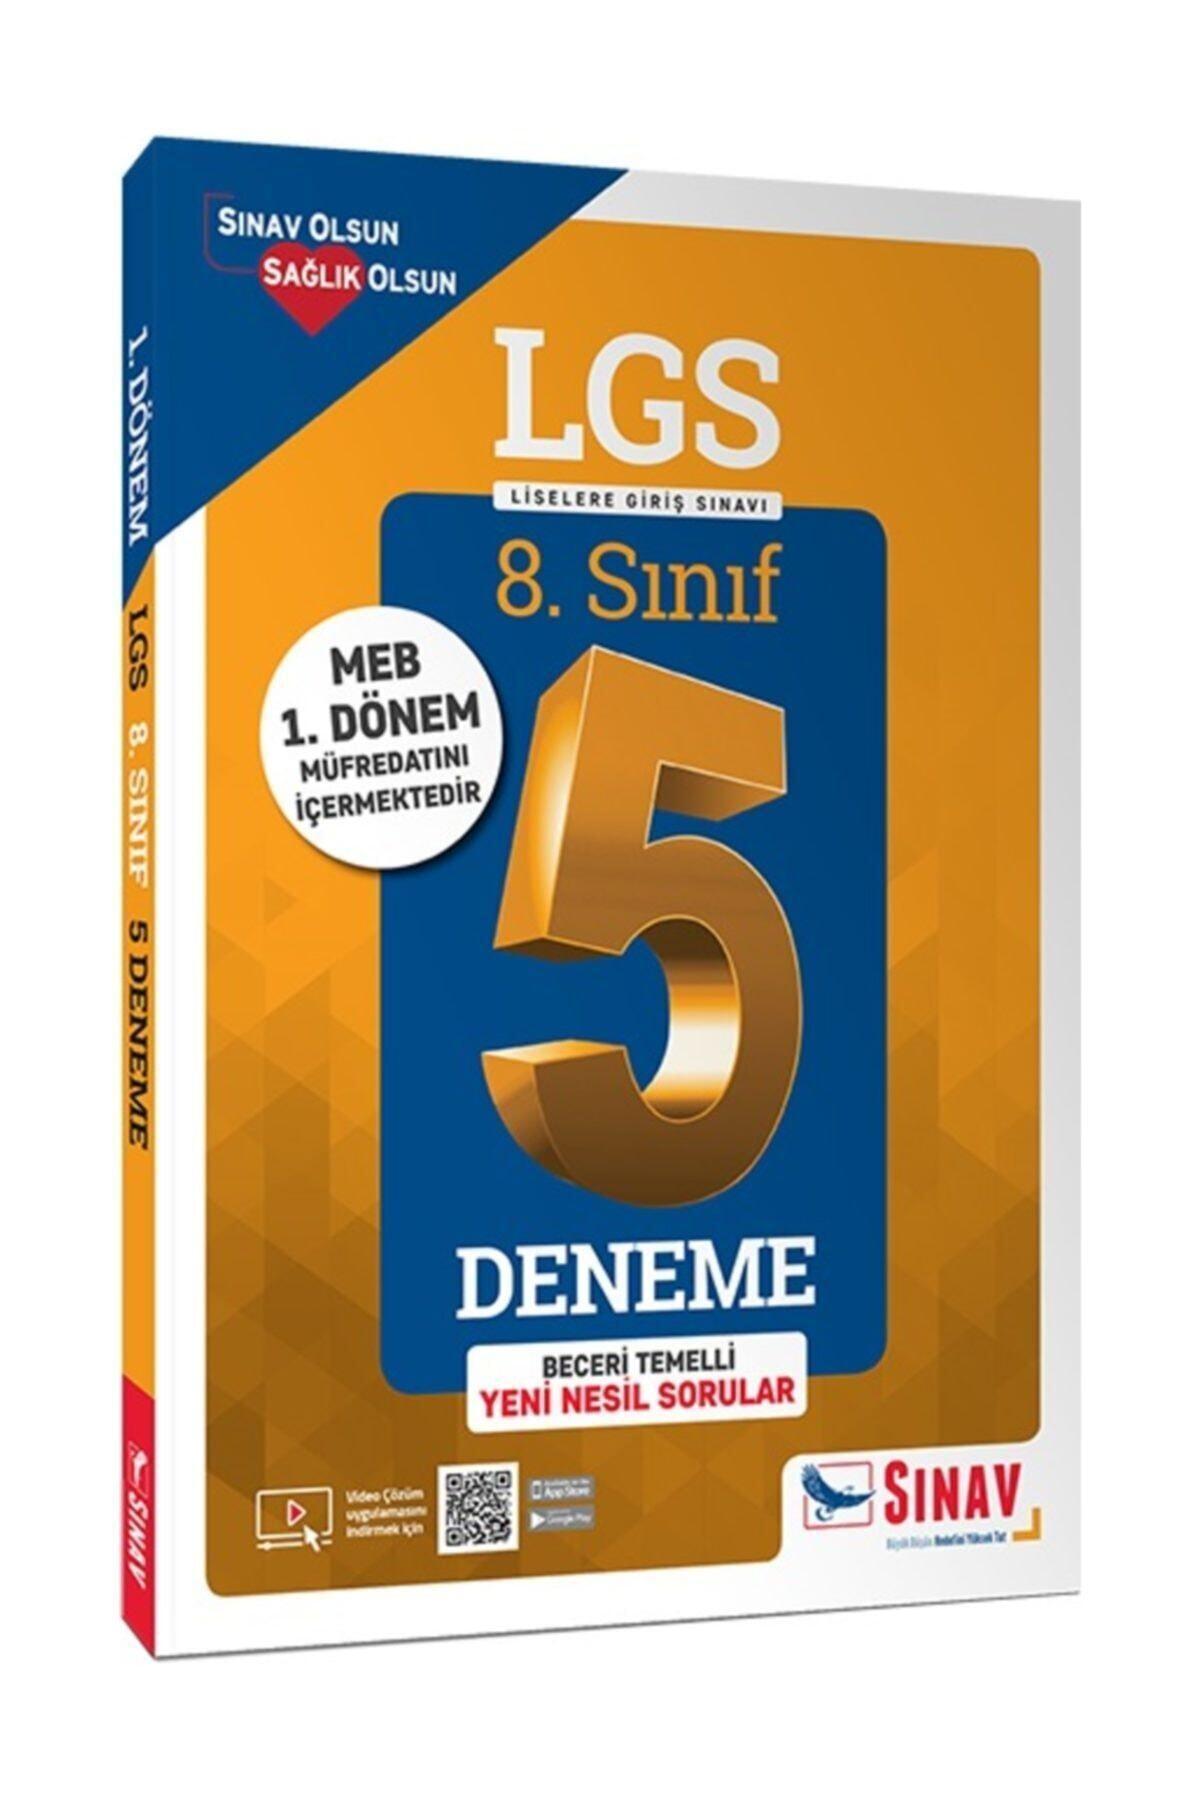 Sınav Yayınları 8.sınıf 1. Dönem Lgs Çözümlü 5 Deneme 1